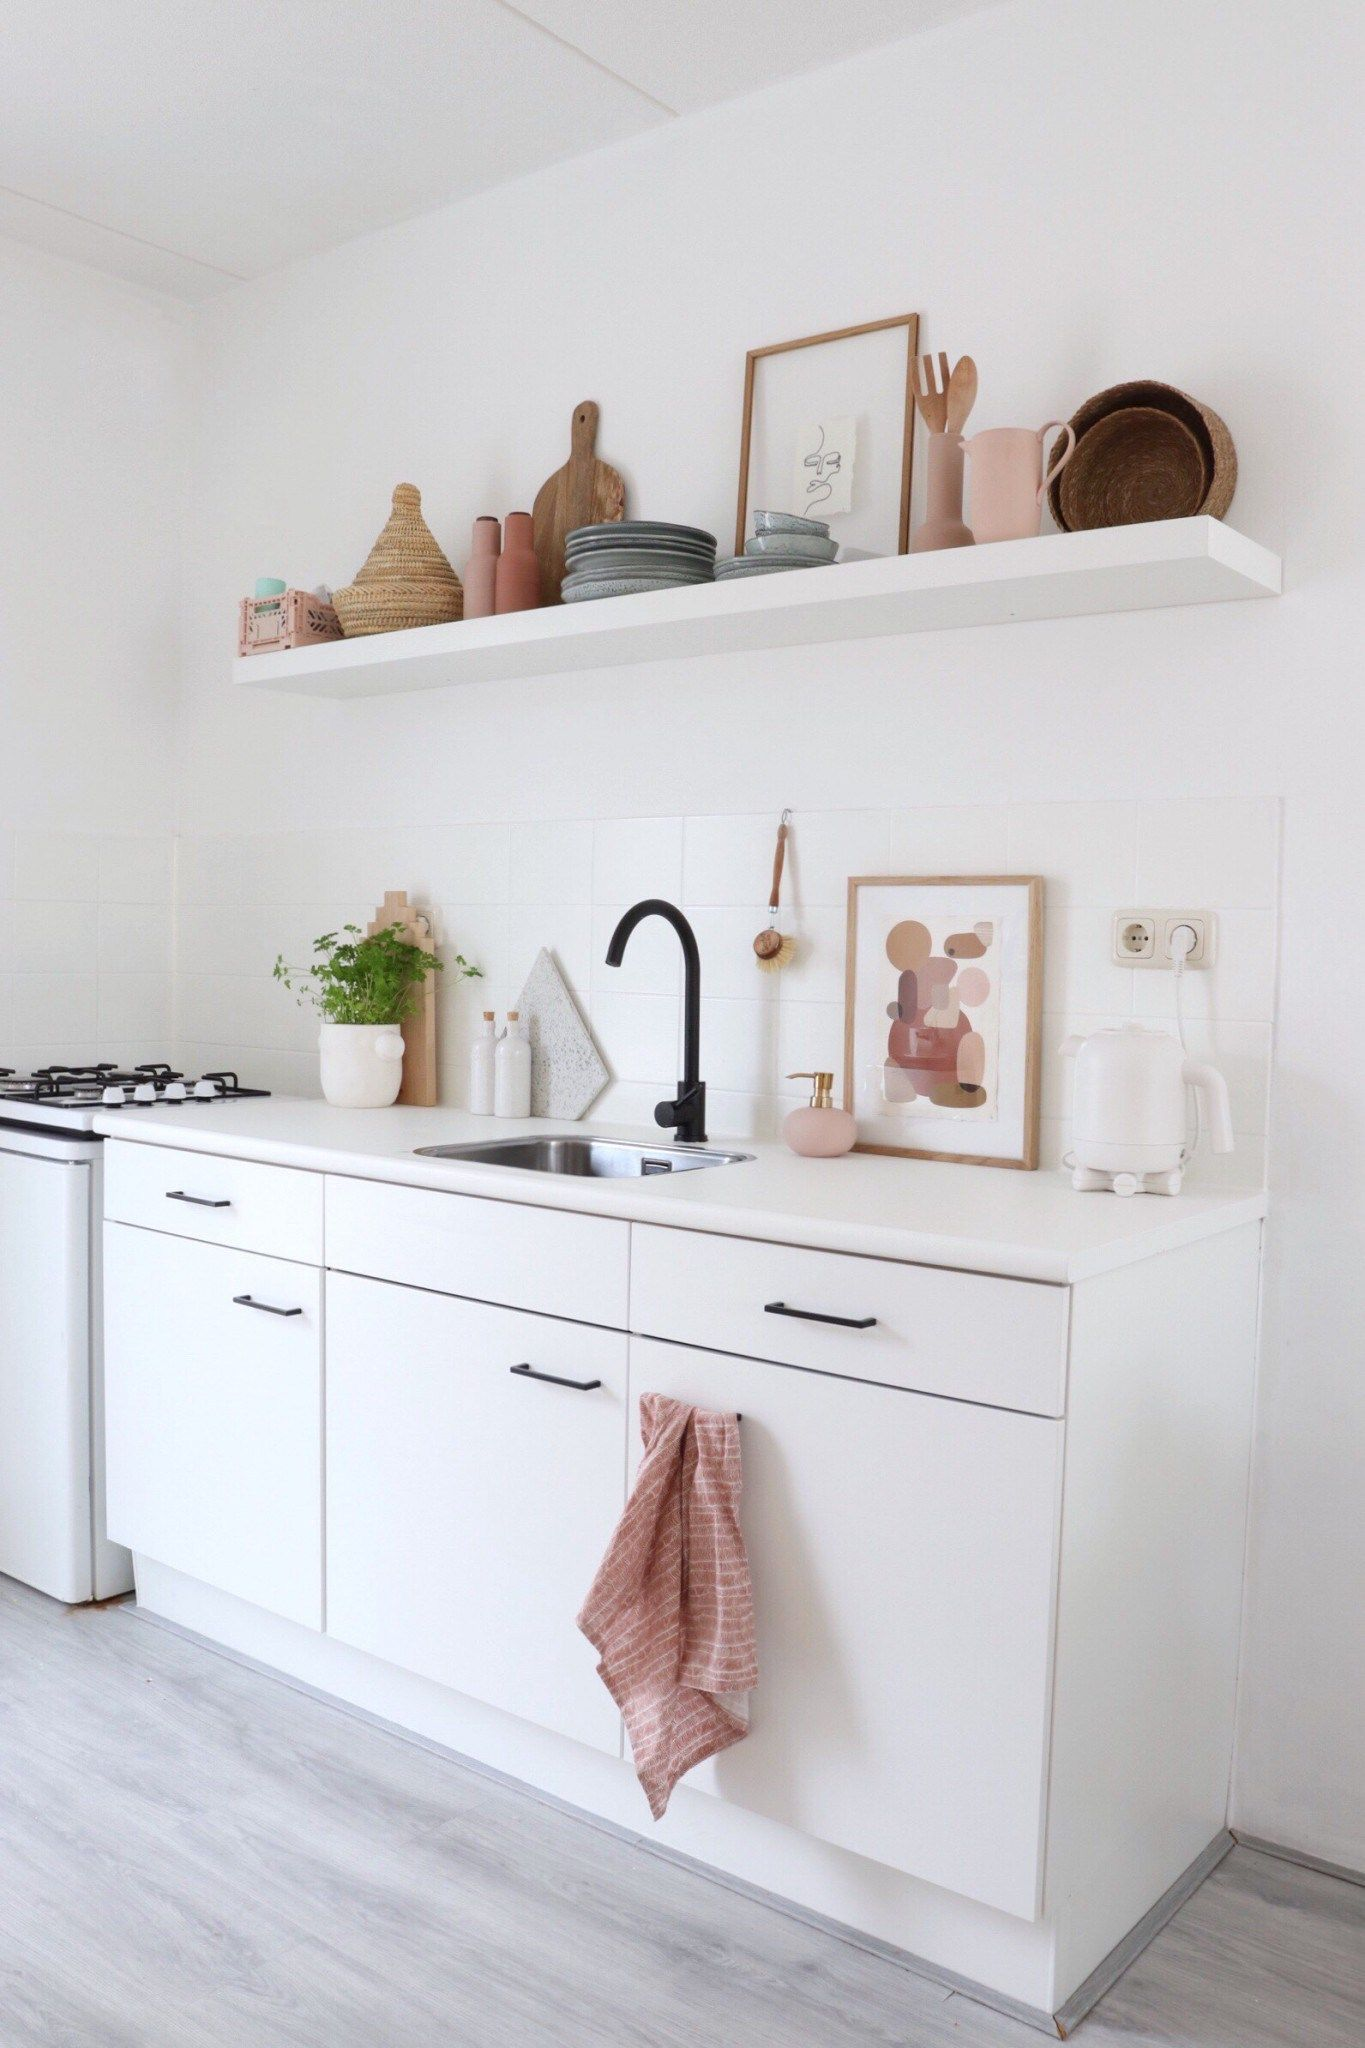 Nieuw Huurhuis keuken opknappen: ideeën voor het pimpen van je oude BD-67